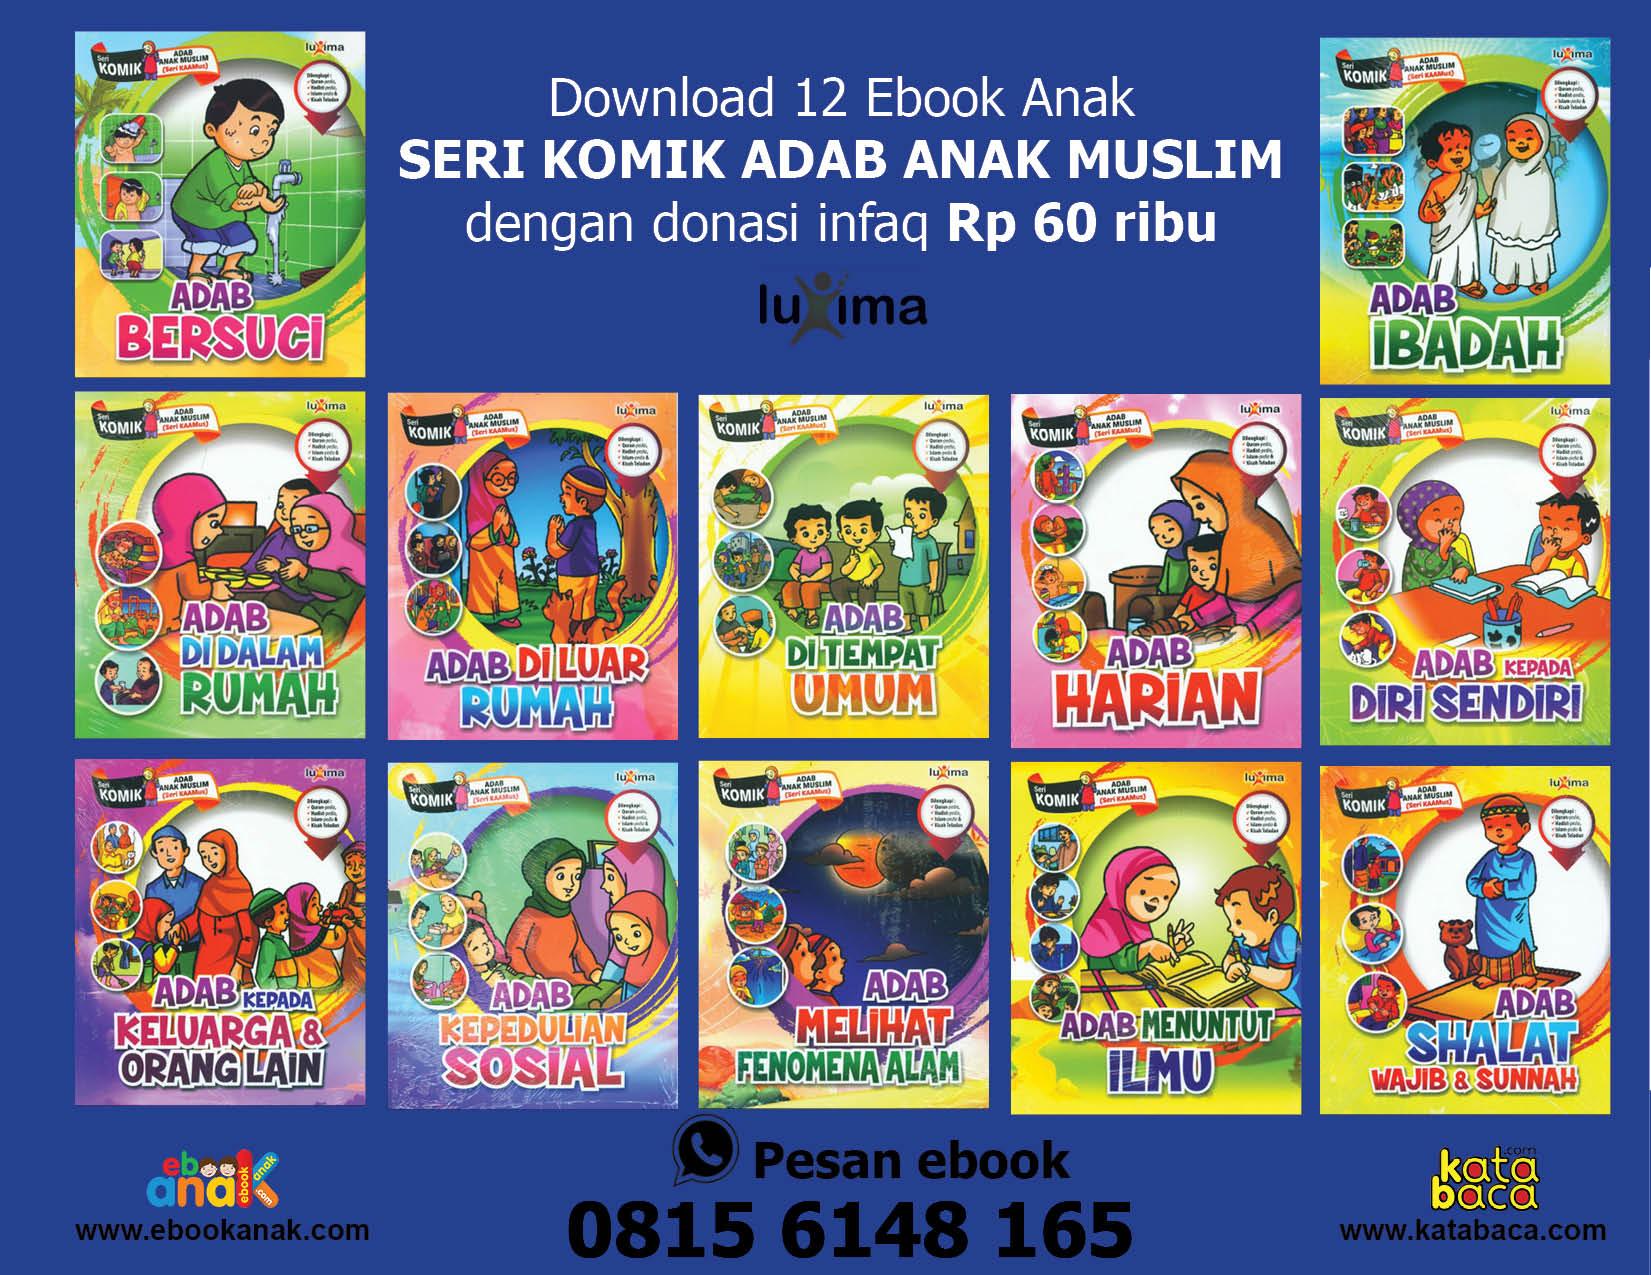 download 12 ebook anak seri komik adab anak muslim dengan donasi